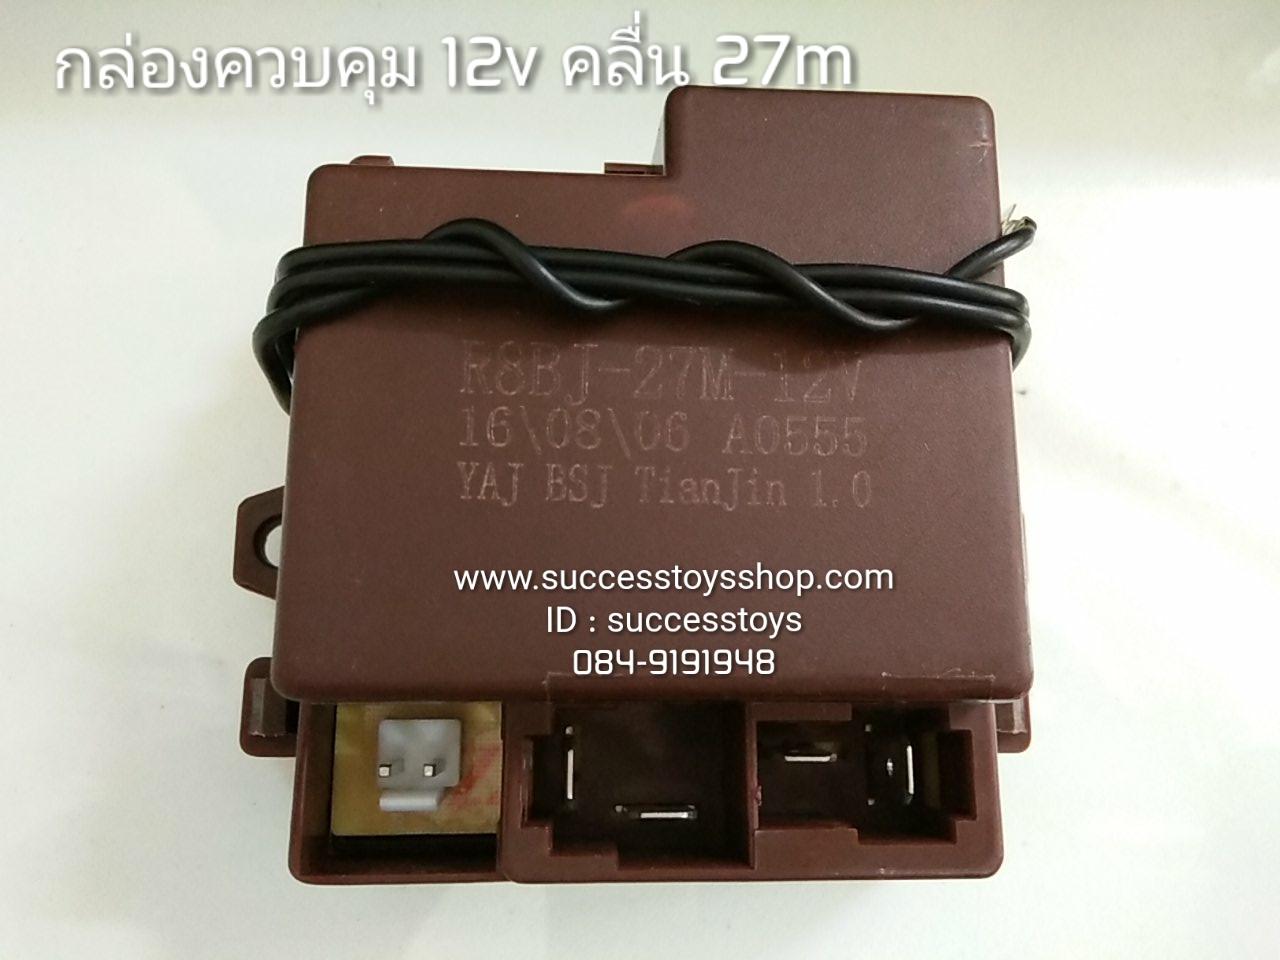 กล่องควบคุม12v คลื่น27